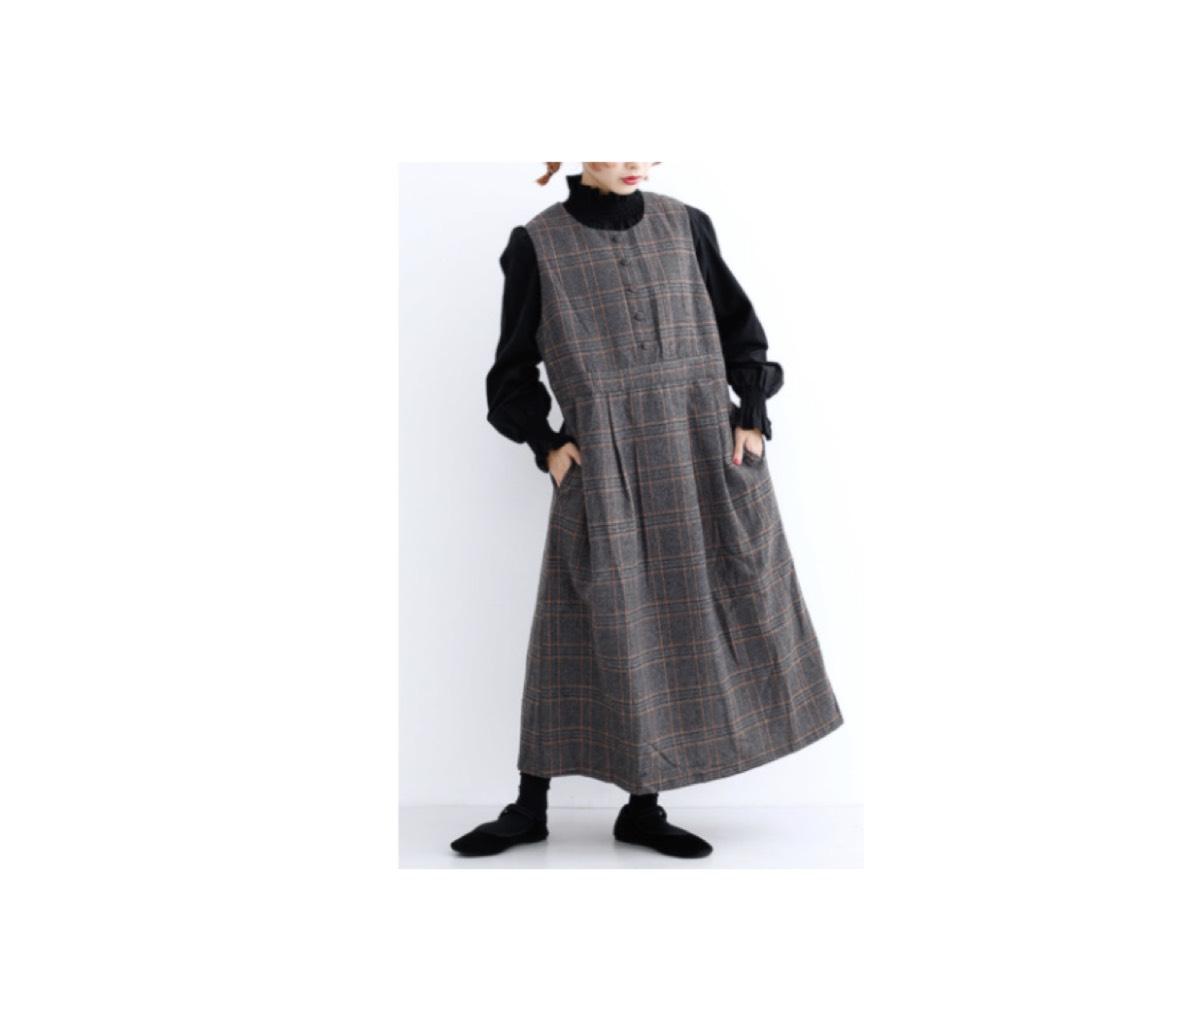 【第1話】2020/1/19放送《佐野 和子役・榮倉奈々》さんさん着用ジャンパースカートのブランドはこちら♪